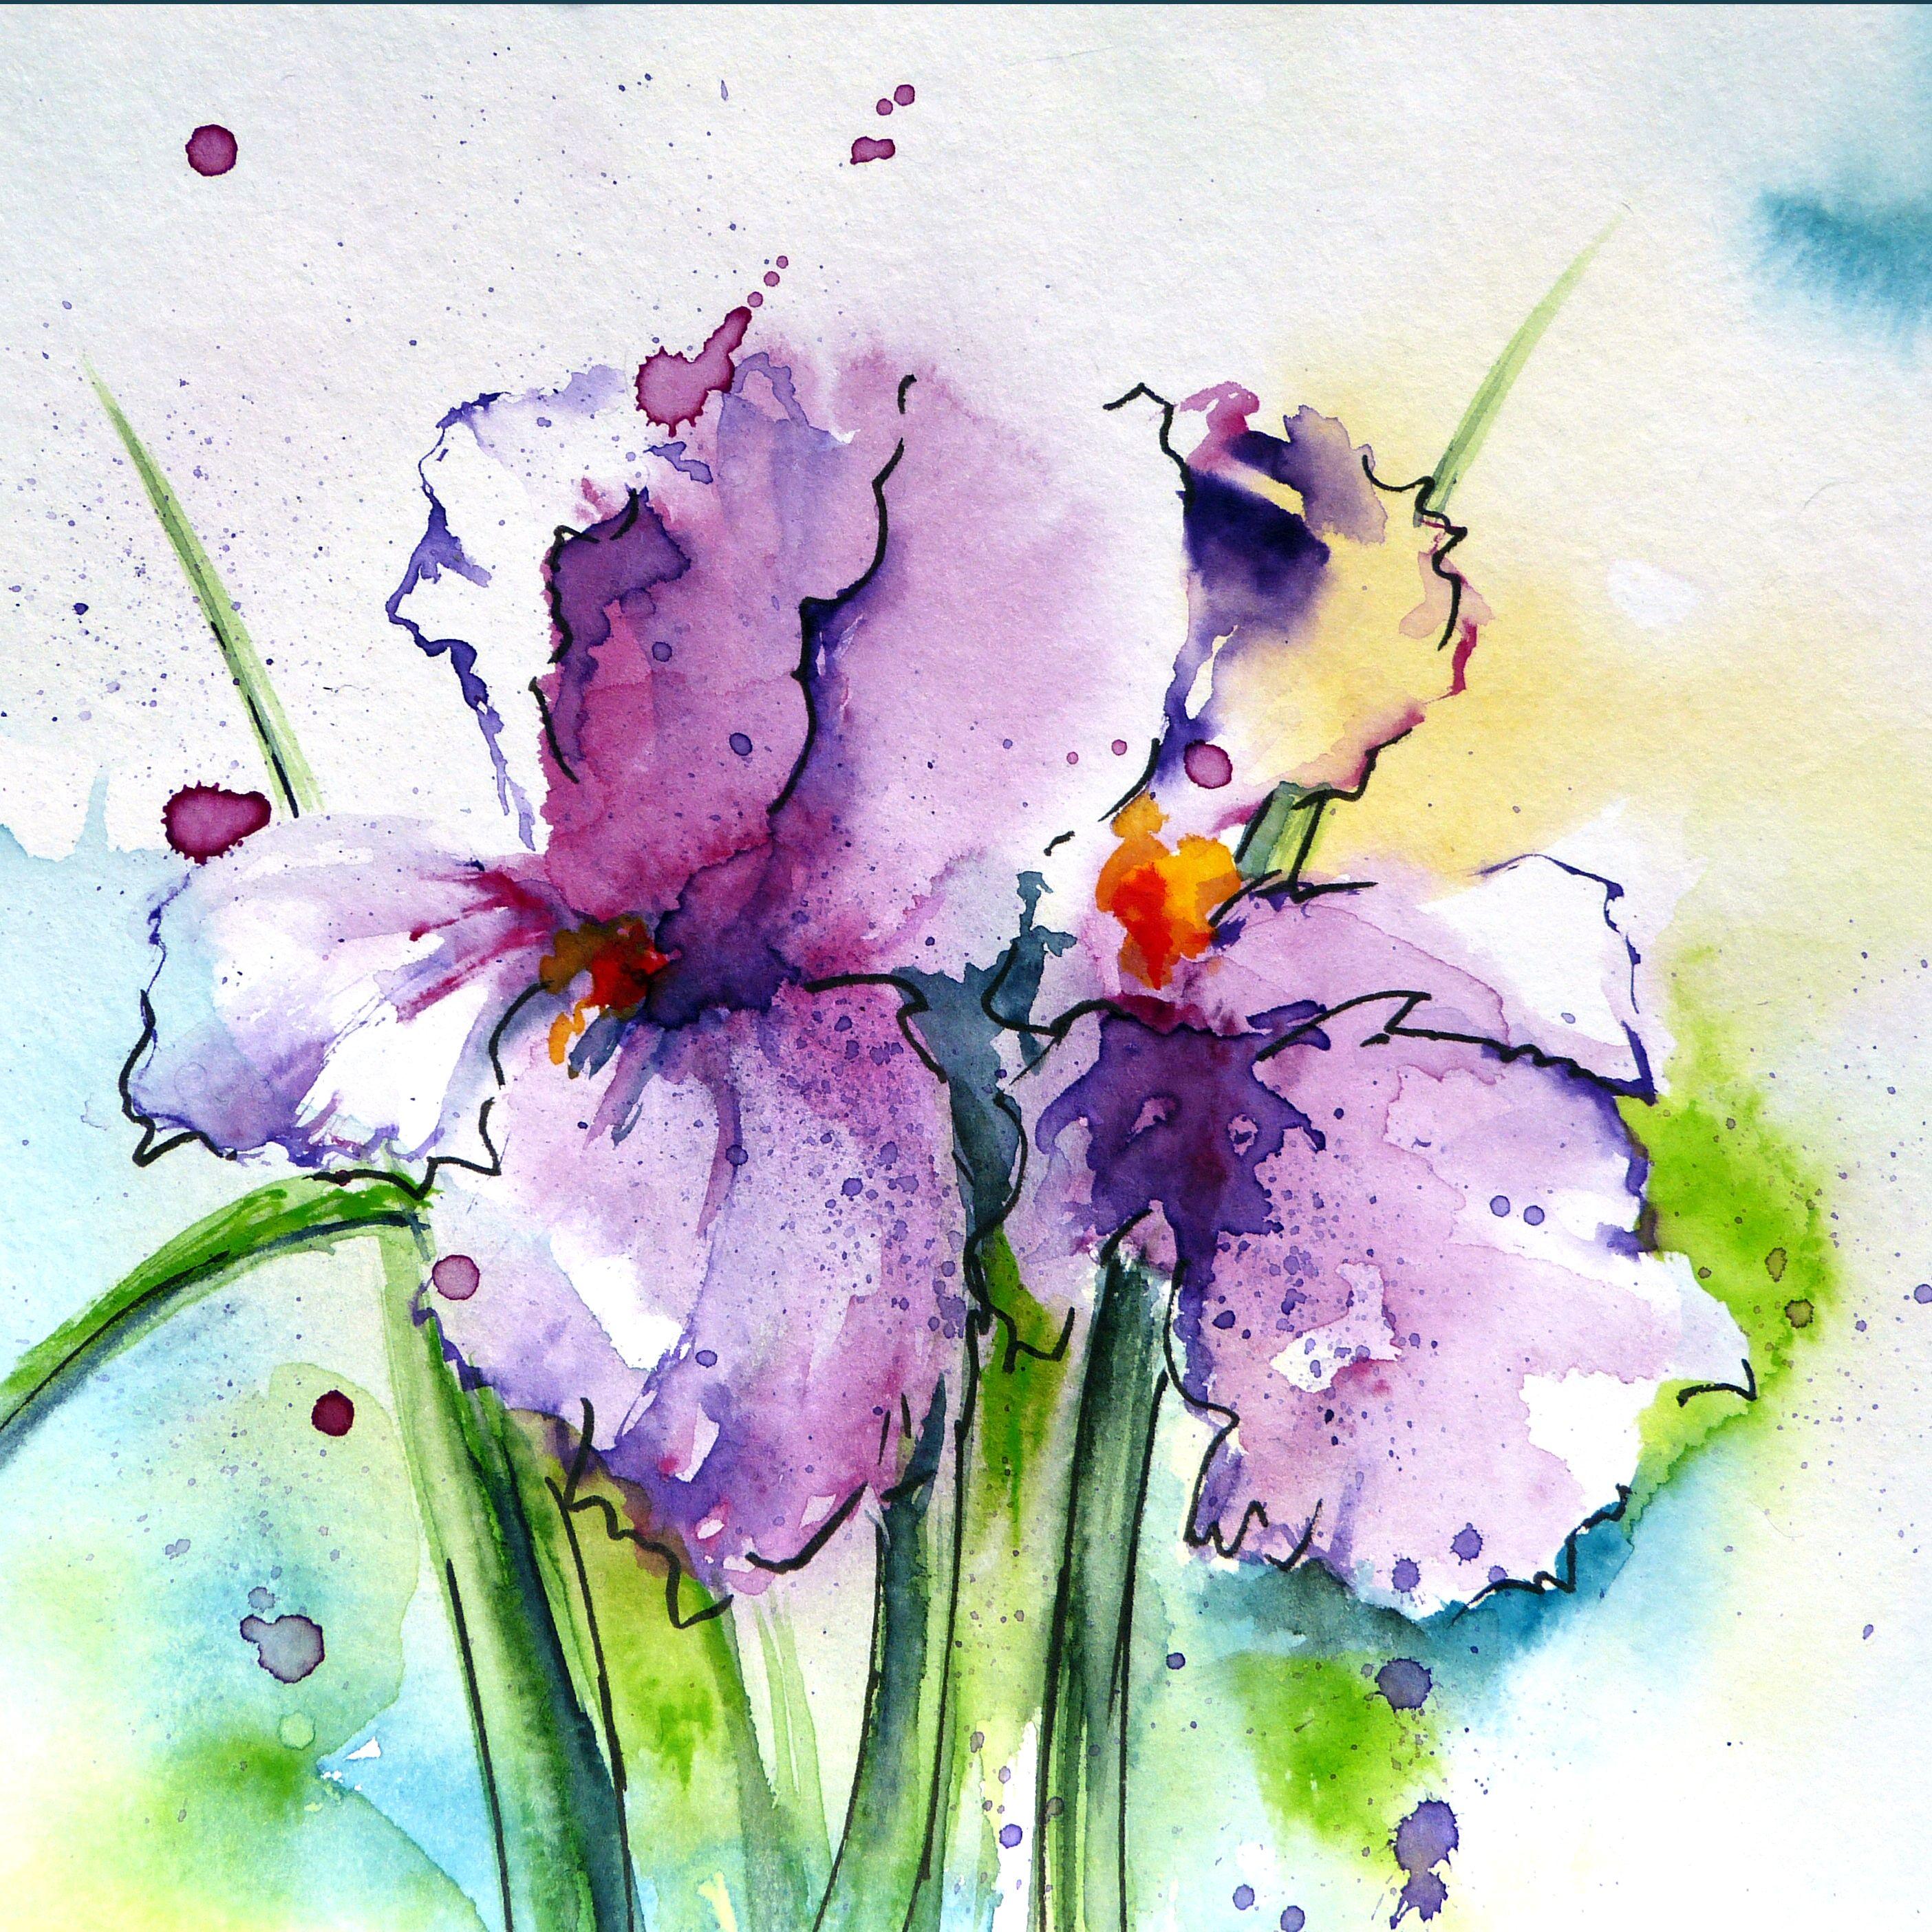 каждом рисуем цветы акварелью картинки класс изготовлению новогоднего